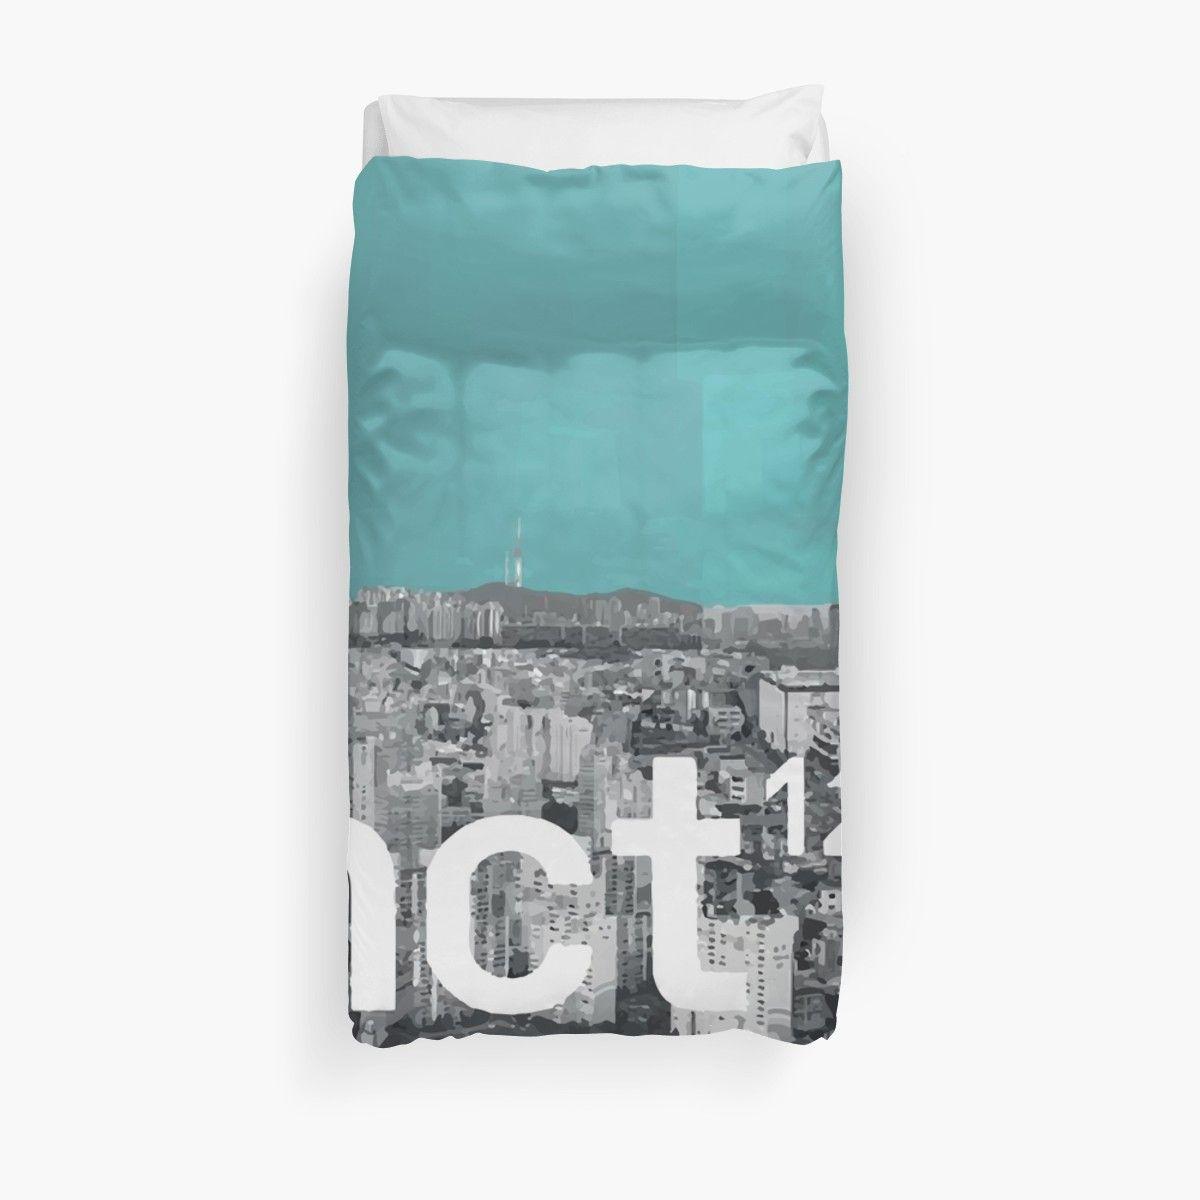 'N C T 127 - IRREGULAR CITY.' Duvet Cover by Duckiechan